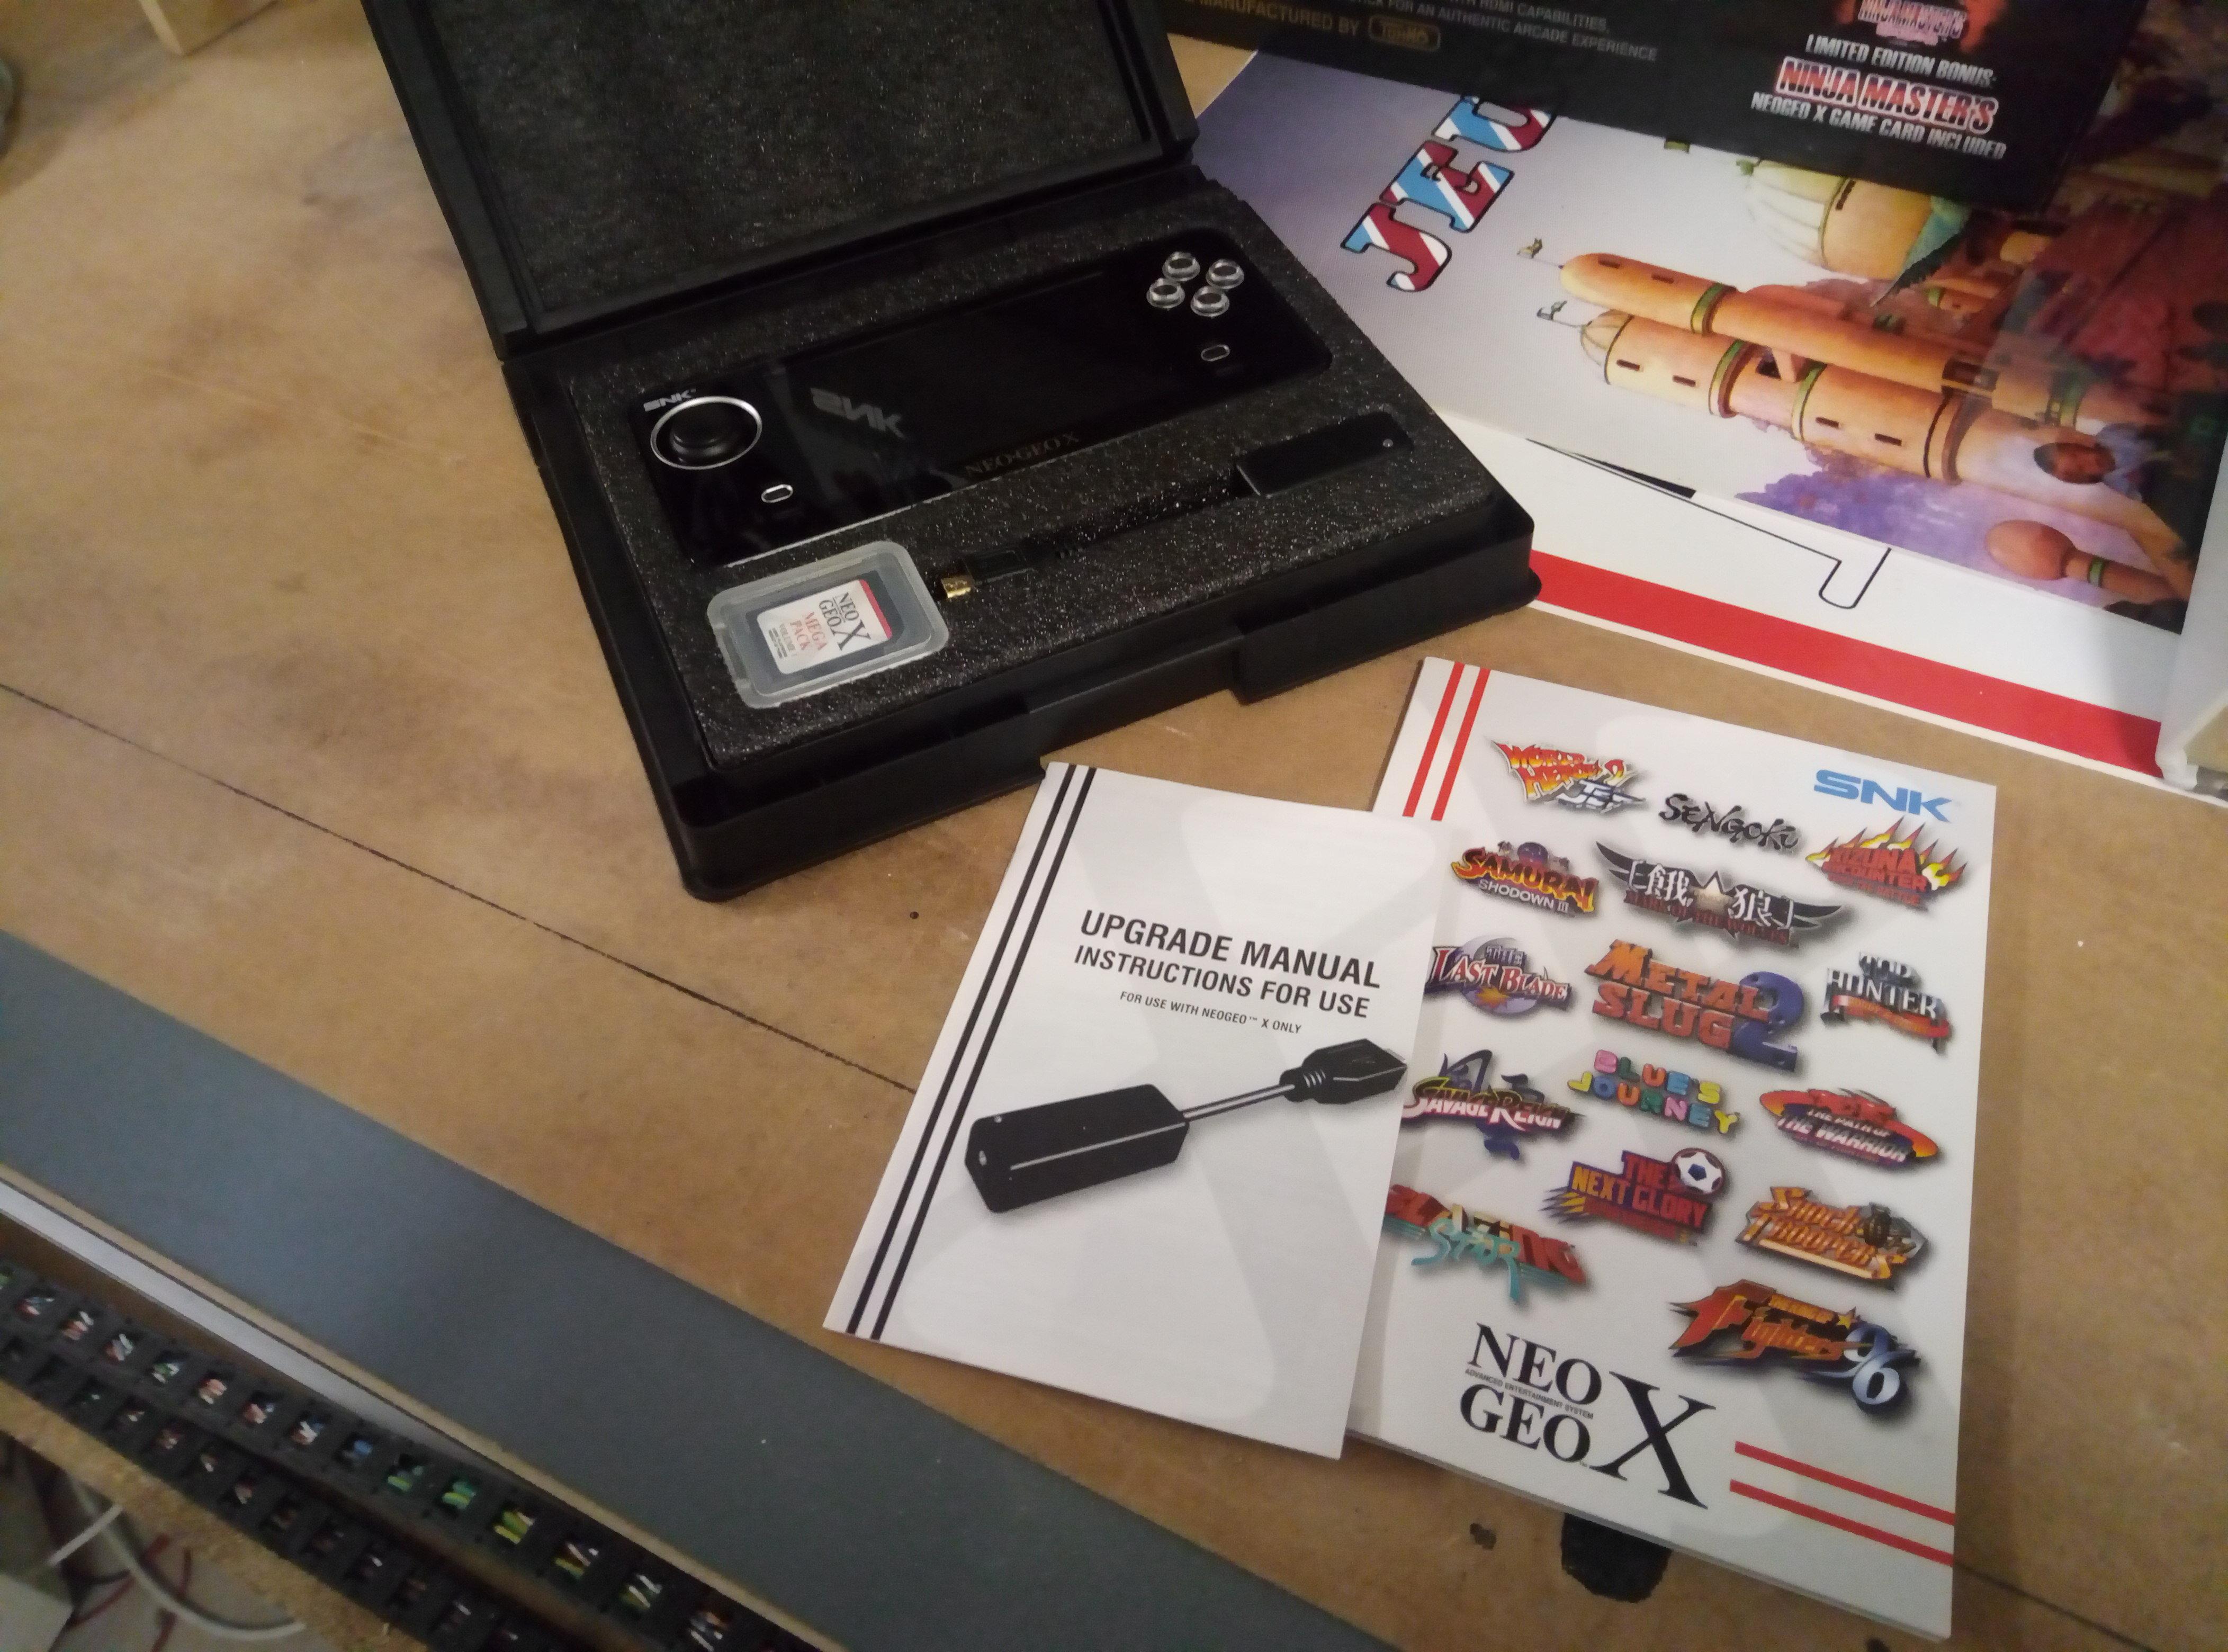 [VENDU] NeoGeo Pocket + NeoGeo X + Flashmasta le tout en box + GameCube 190418060348794507